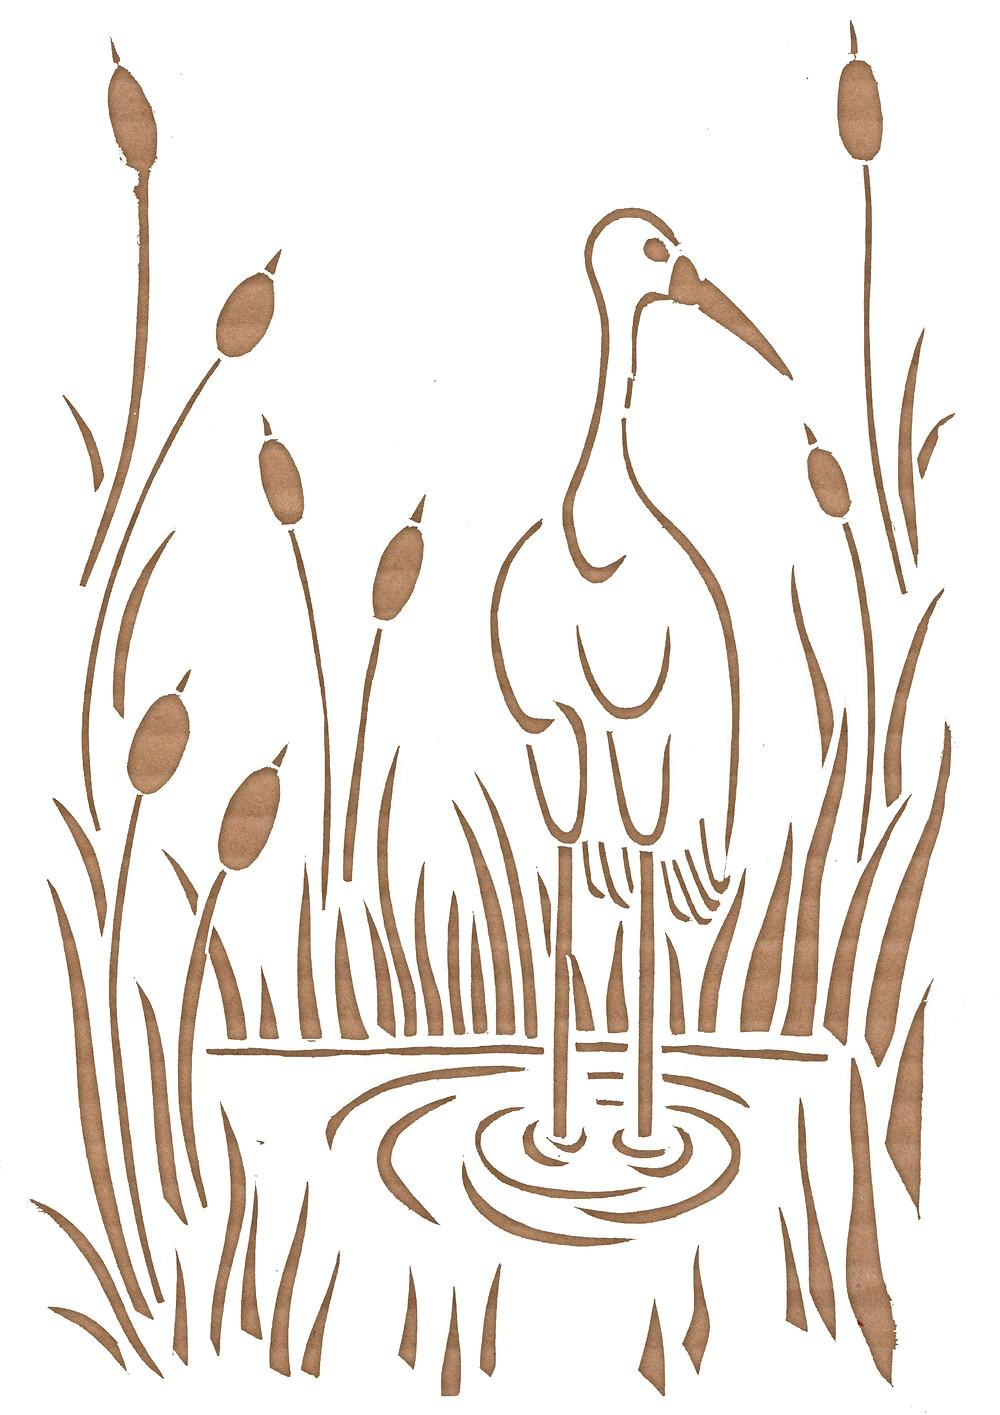 bird illustration paper cut art